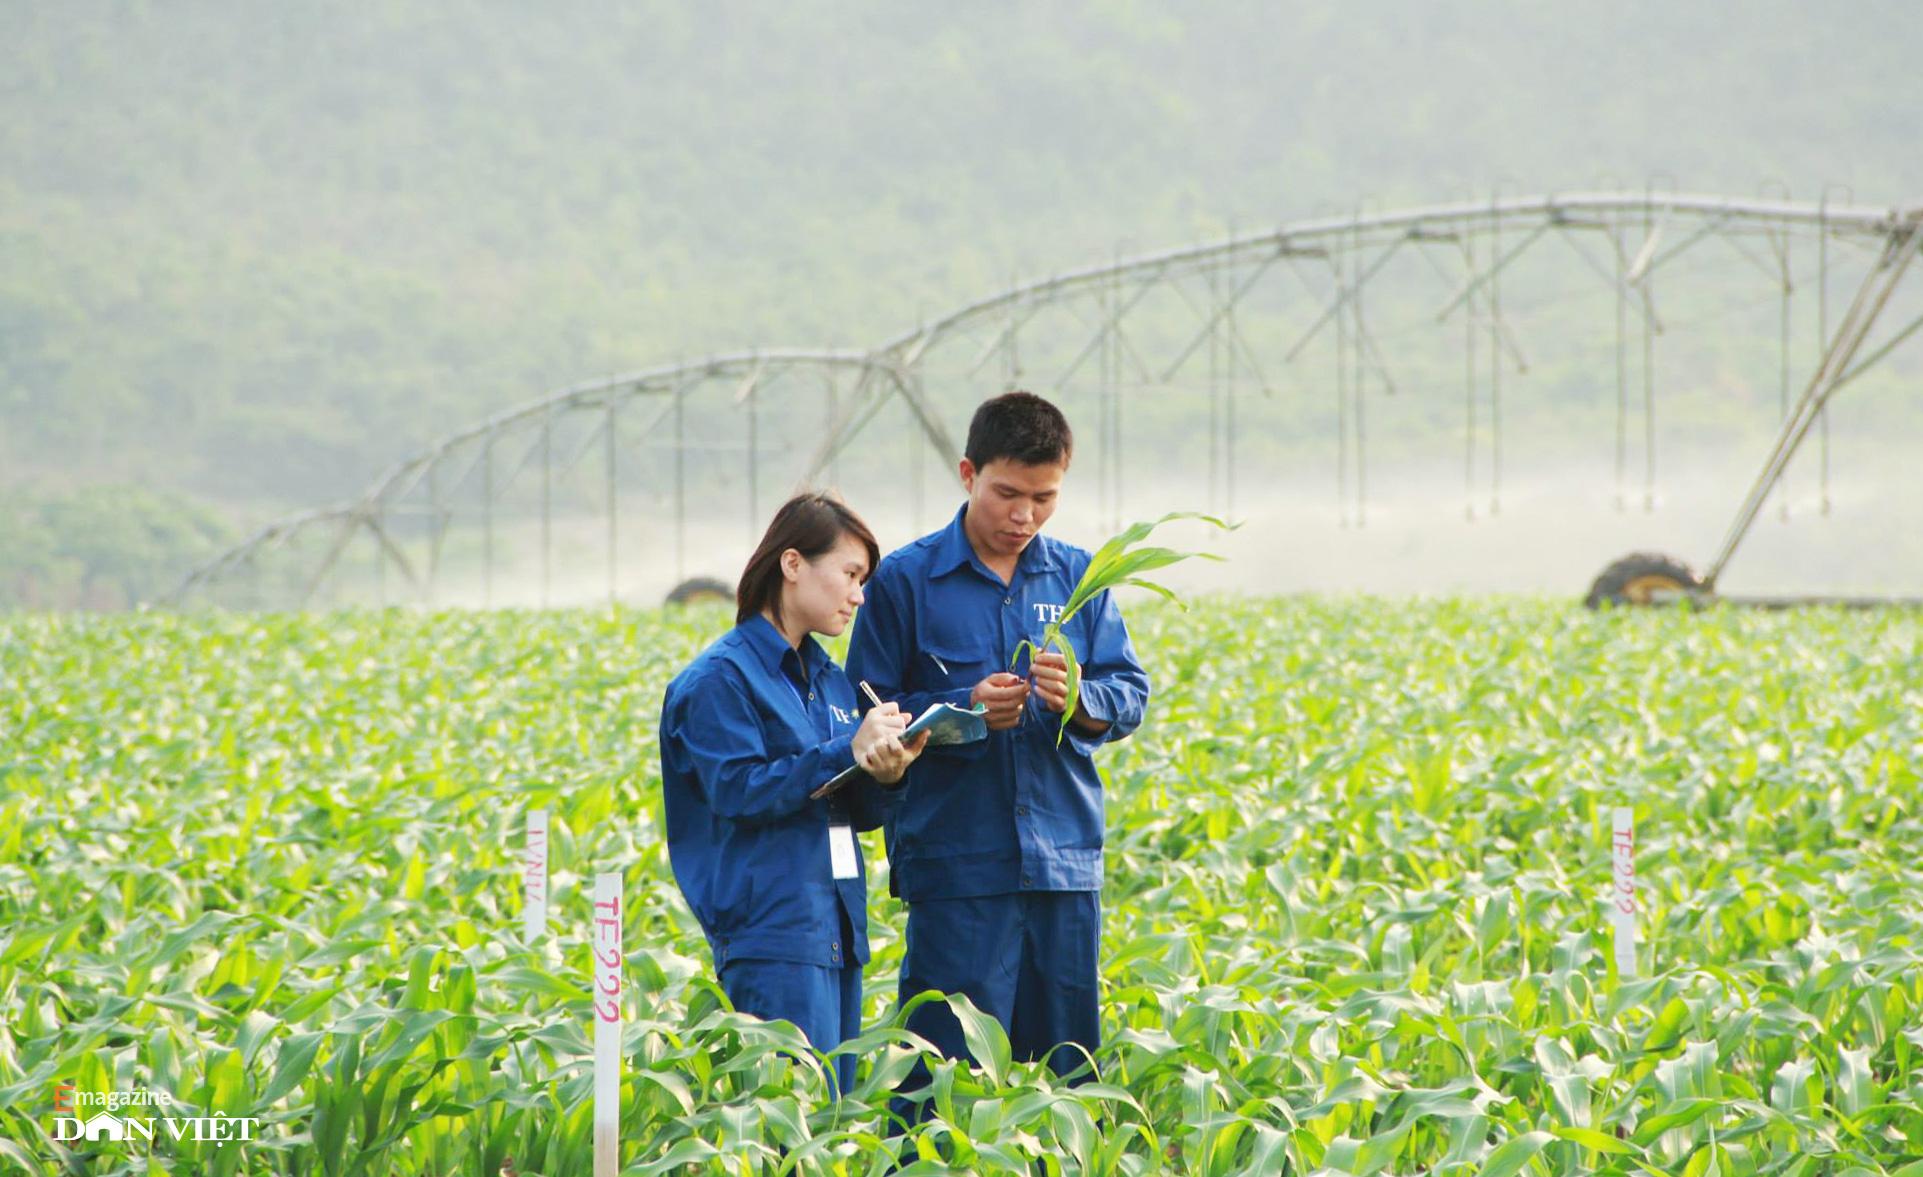 """Bò sữa ở Việt Nam: """"Hậu trường"""" quy trình chăn nuôi cầu kỳ và tỉ mỉ đáng ngạc nhiên    - Ảnh 5."""